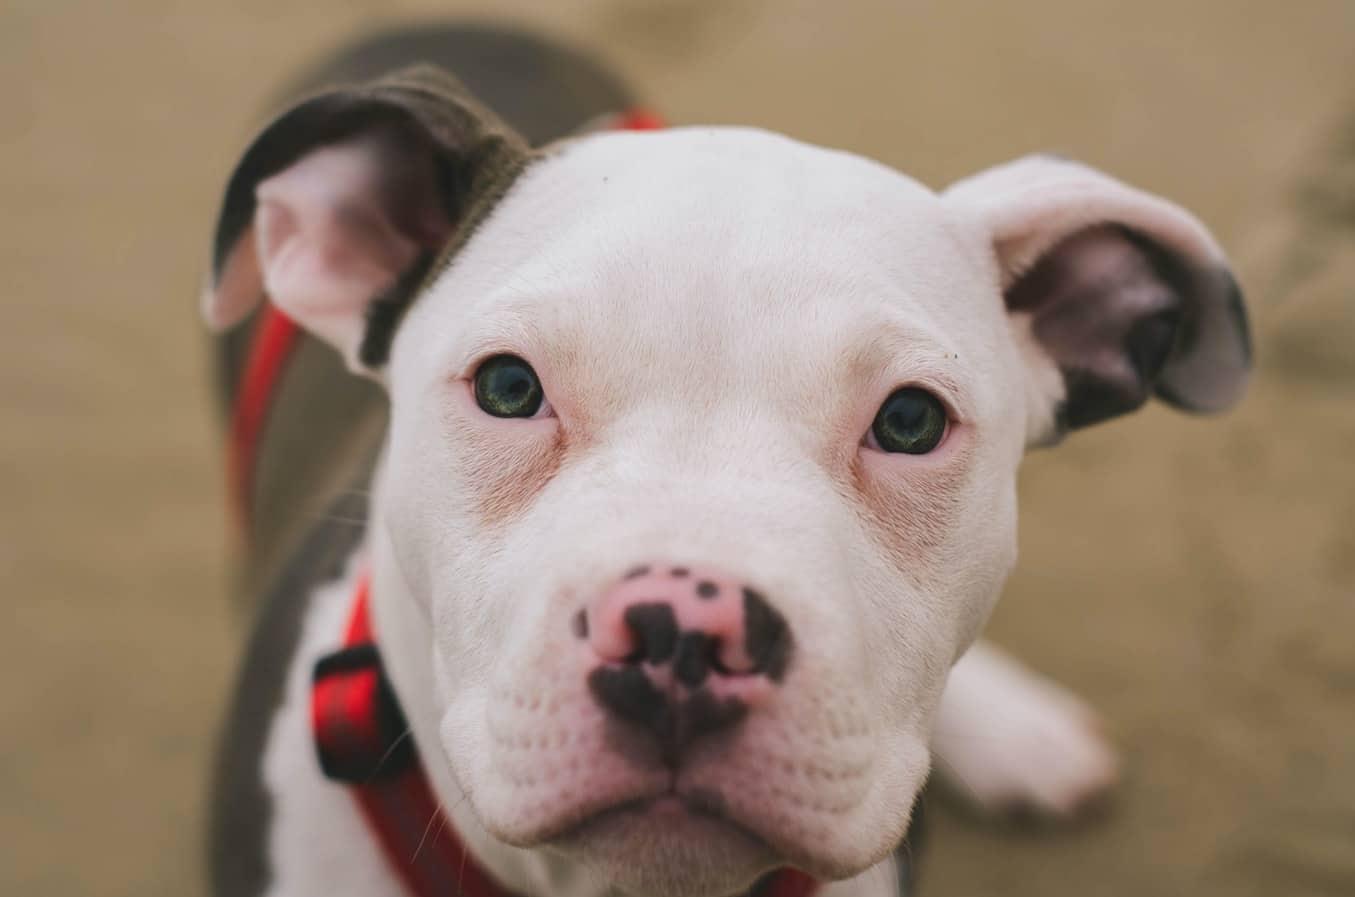 كلب بيتبول الموزع على مختلف الأنواع المتعددة الخصائص لكل صنف